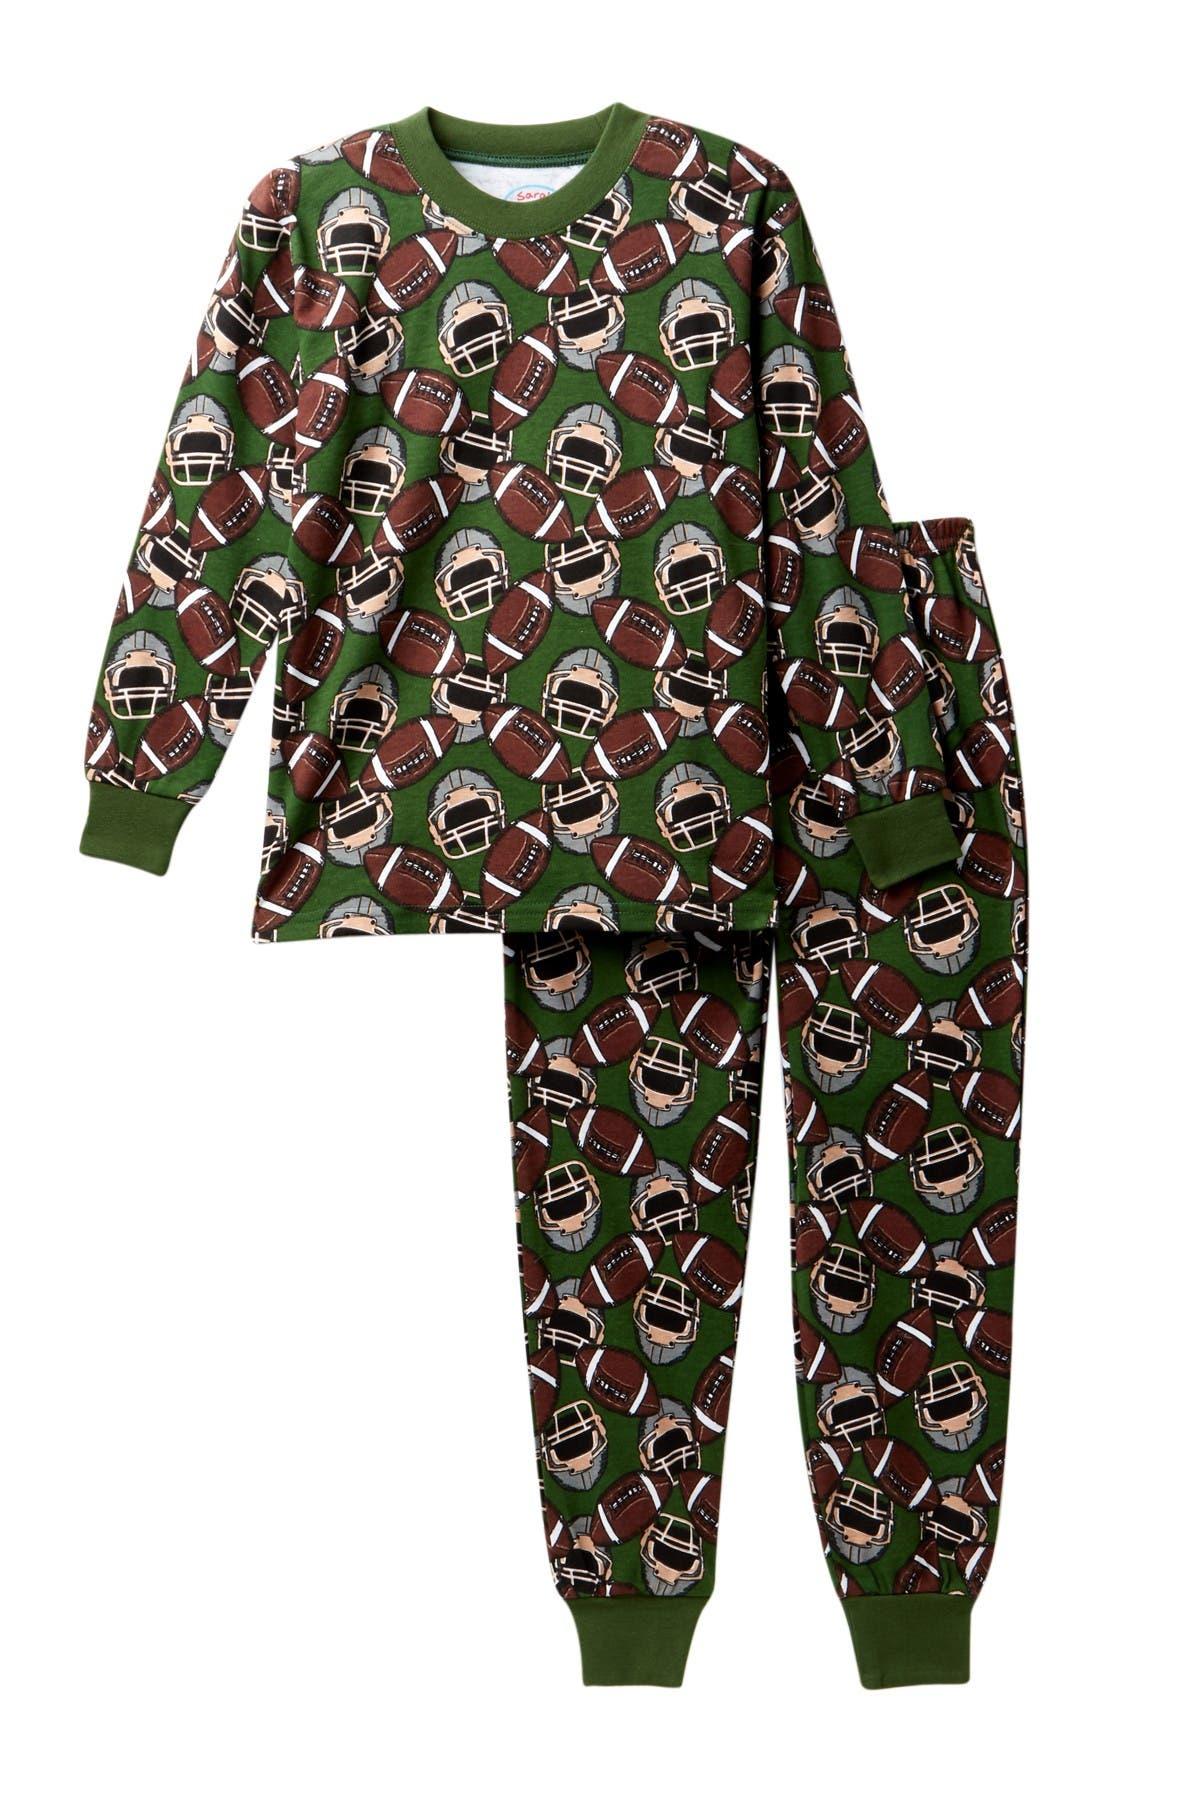 SARAS PRINTS Printed Pajamas